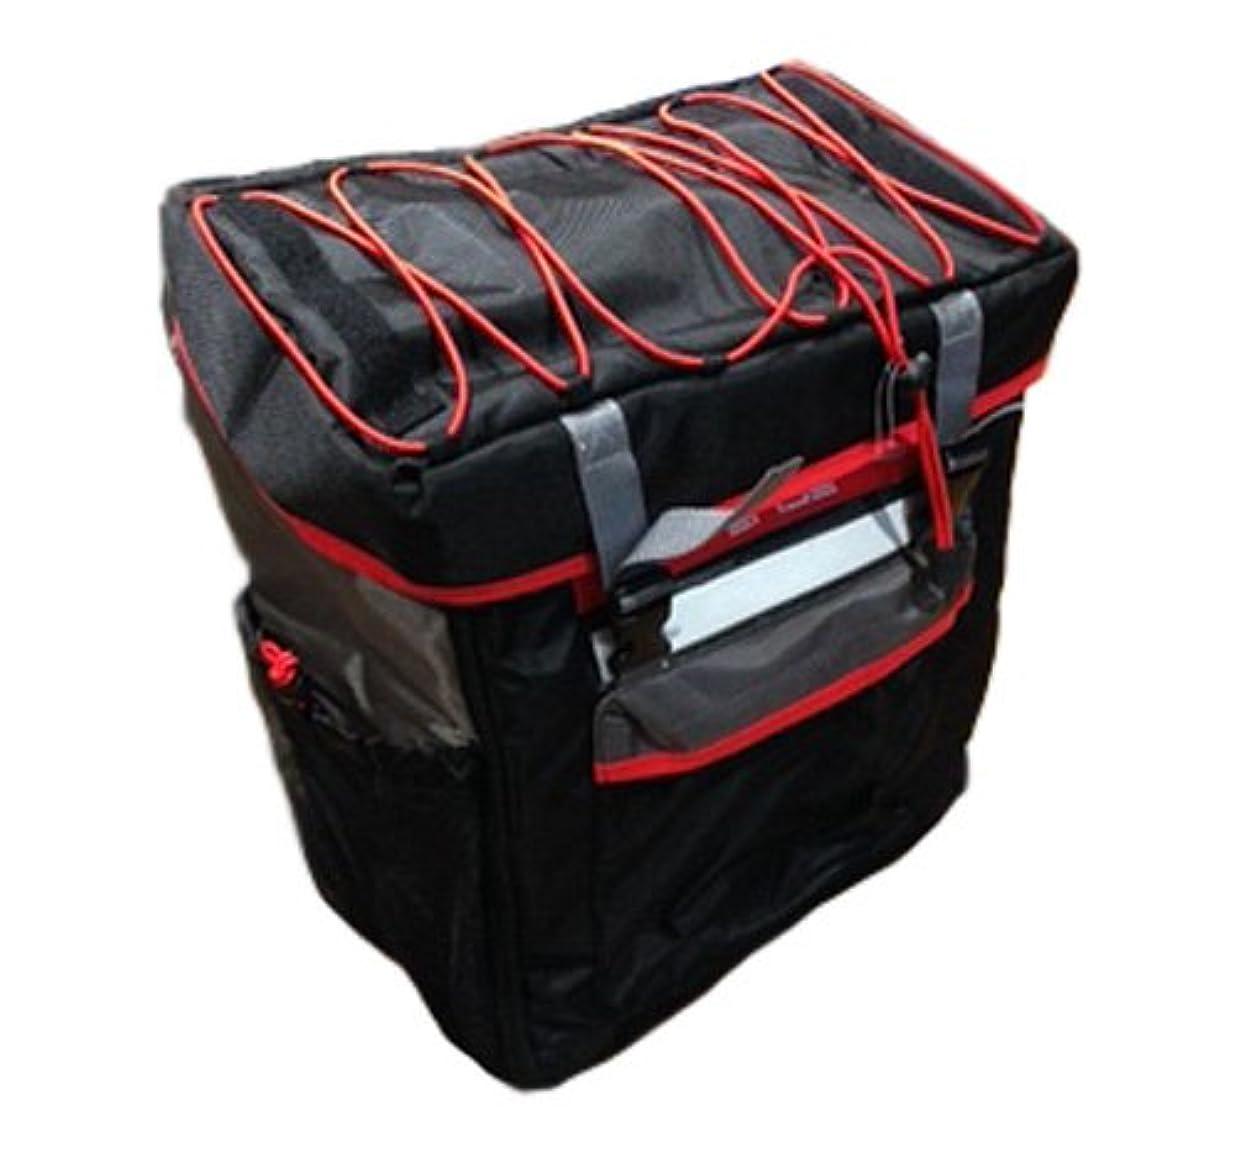 キロメートル最大化するハドルELITE(エリート) TRI BOX?トライアスロン/デュアスロン競技用バッグ